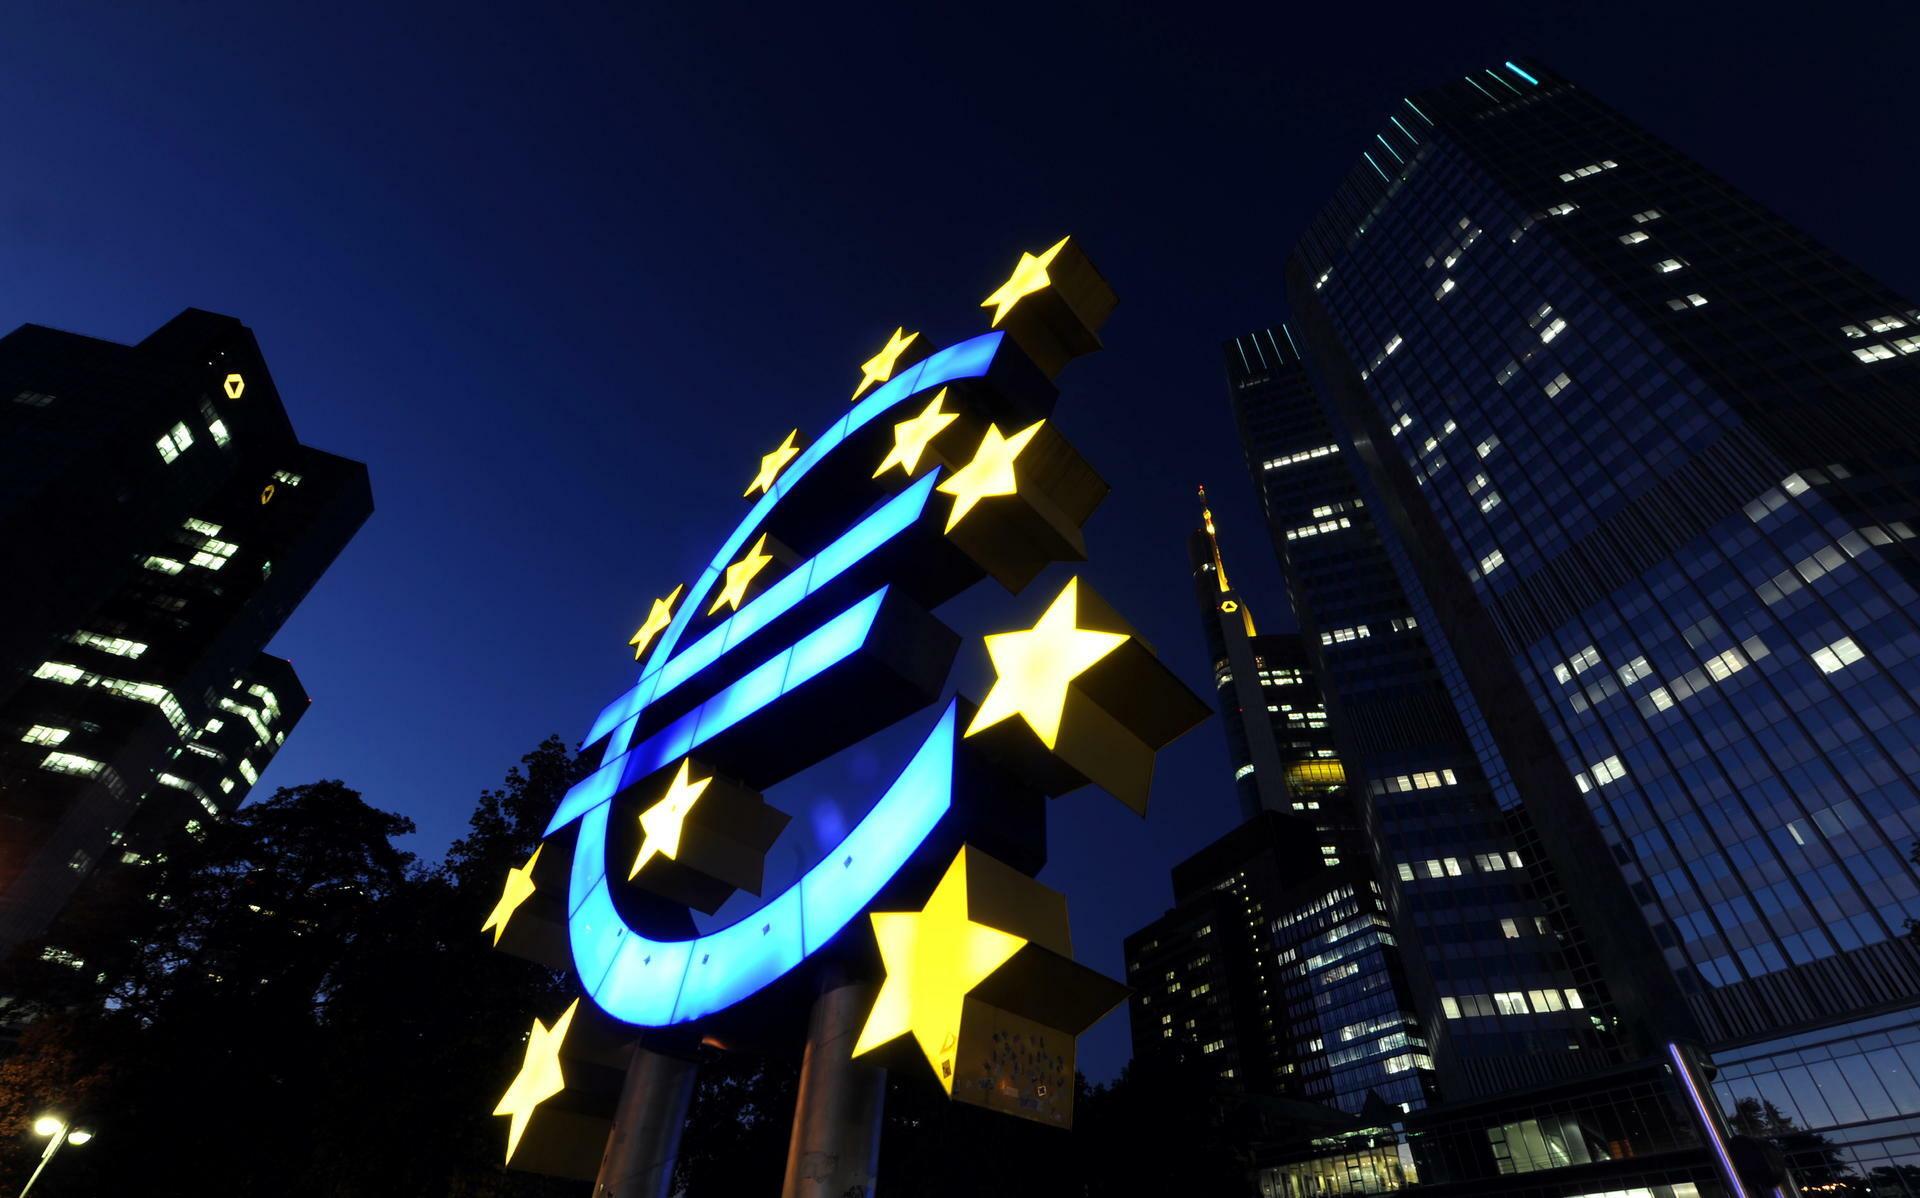 Euro-Zeichen vor der Europäischen Zentralbank in Frankfurt am Main. Quelle: dapd